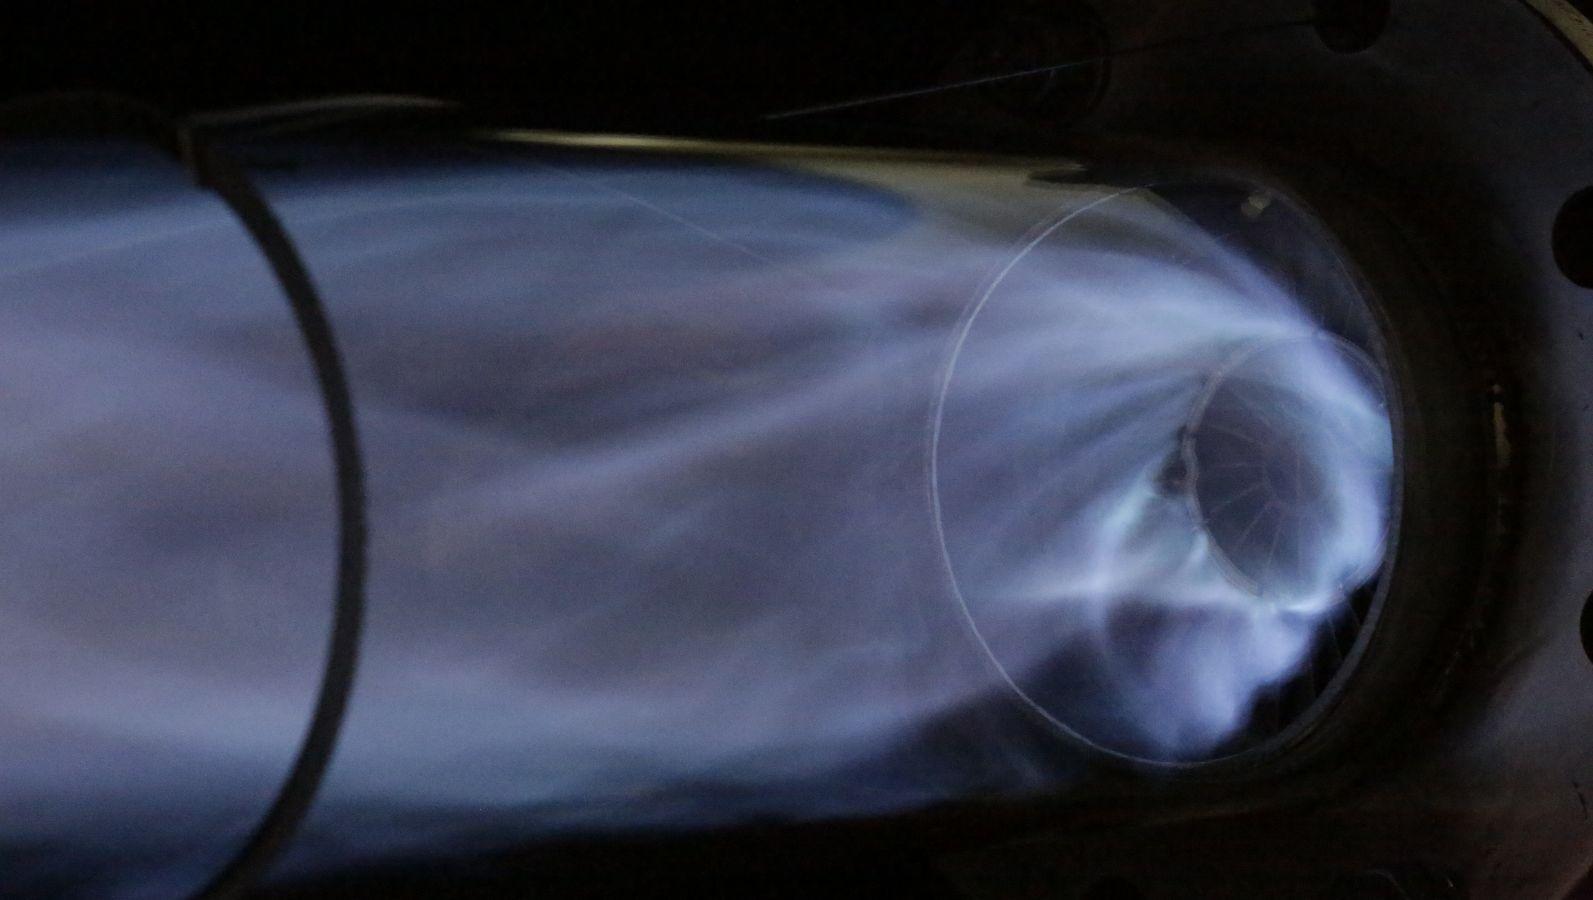 Die Mischvorrichtung vermischt sichtbar Gase.